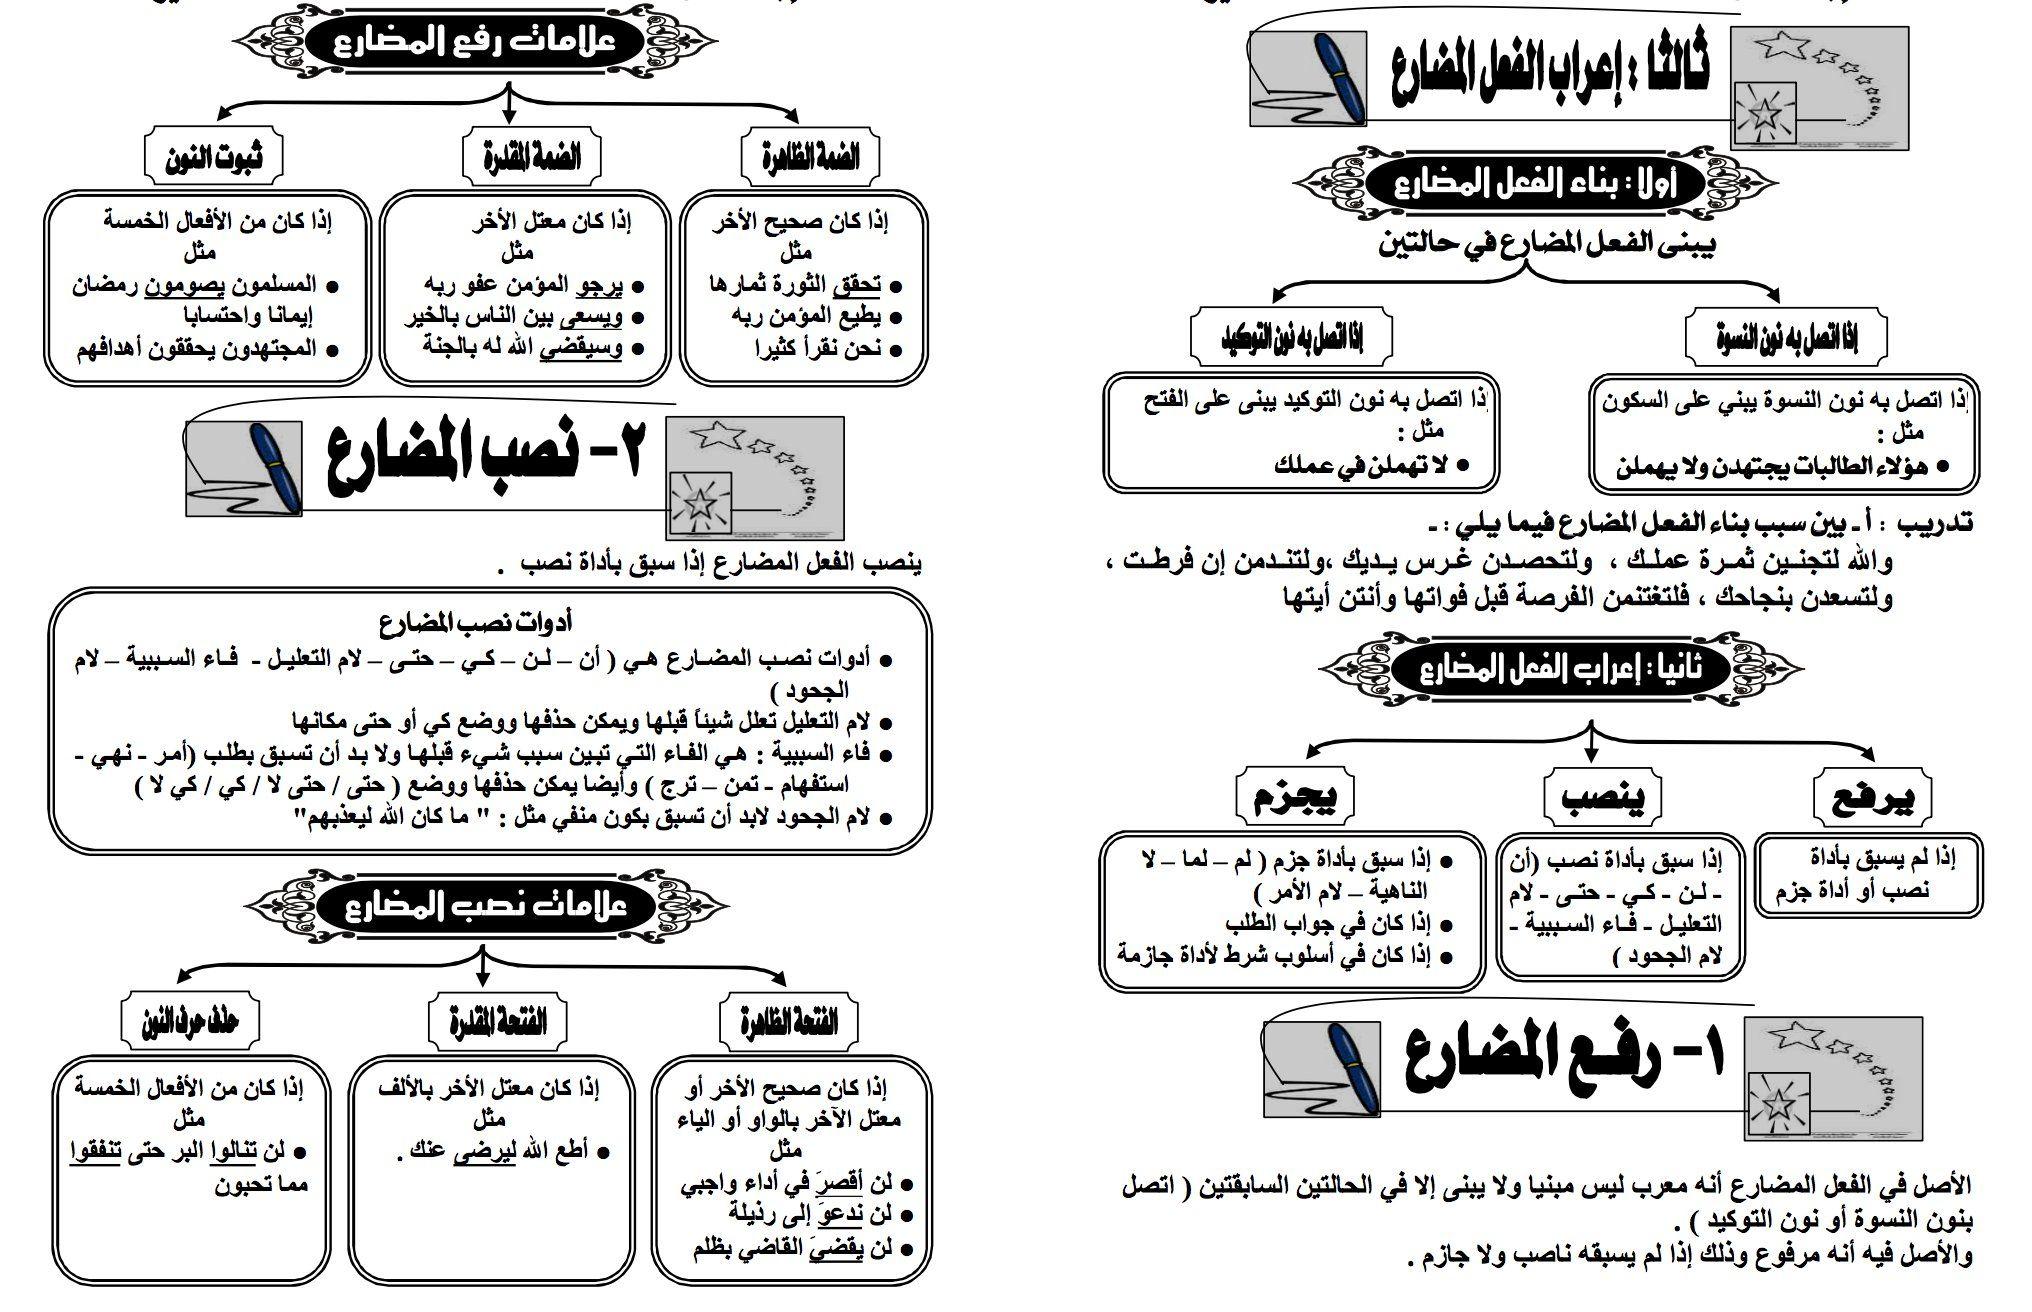 موجز قواعد اللغة العربية موجز قواعد اللغة العربية Free Download Borrow And Streaming Internet Archive Learn Arabic Alphabet English Grammar Book Pdf Arabic Language